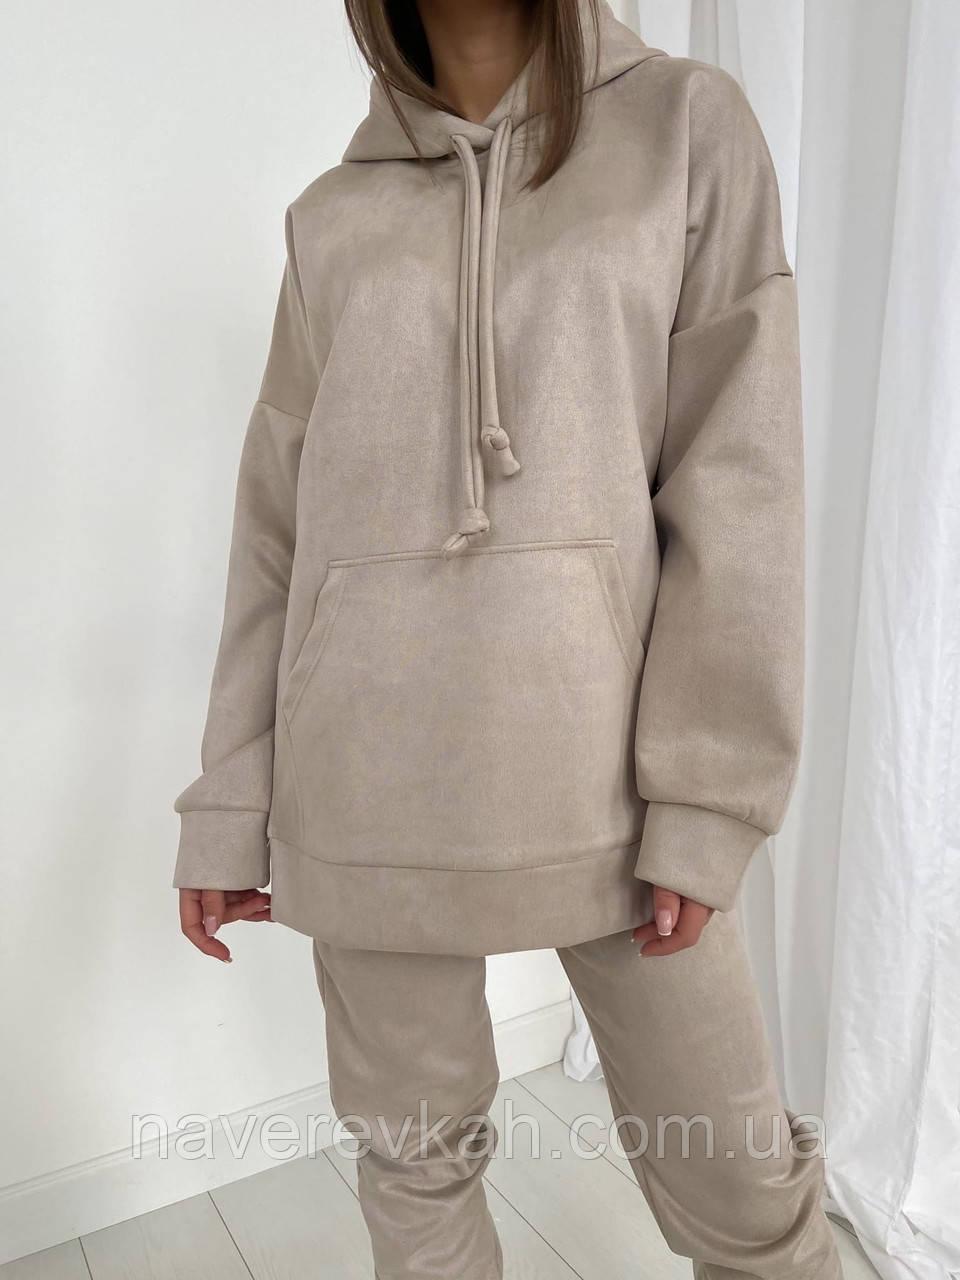 Женский зимний спортивный костюм двойка белый пудровый фисташковый 42-44 46-48 oversize замш на дайвинге